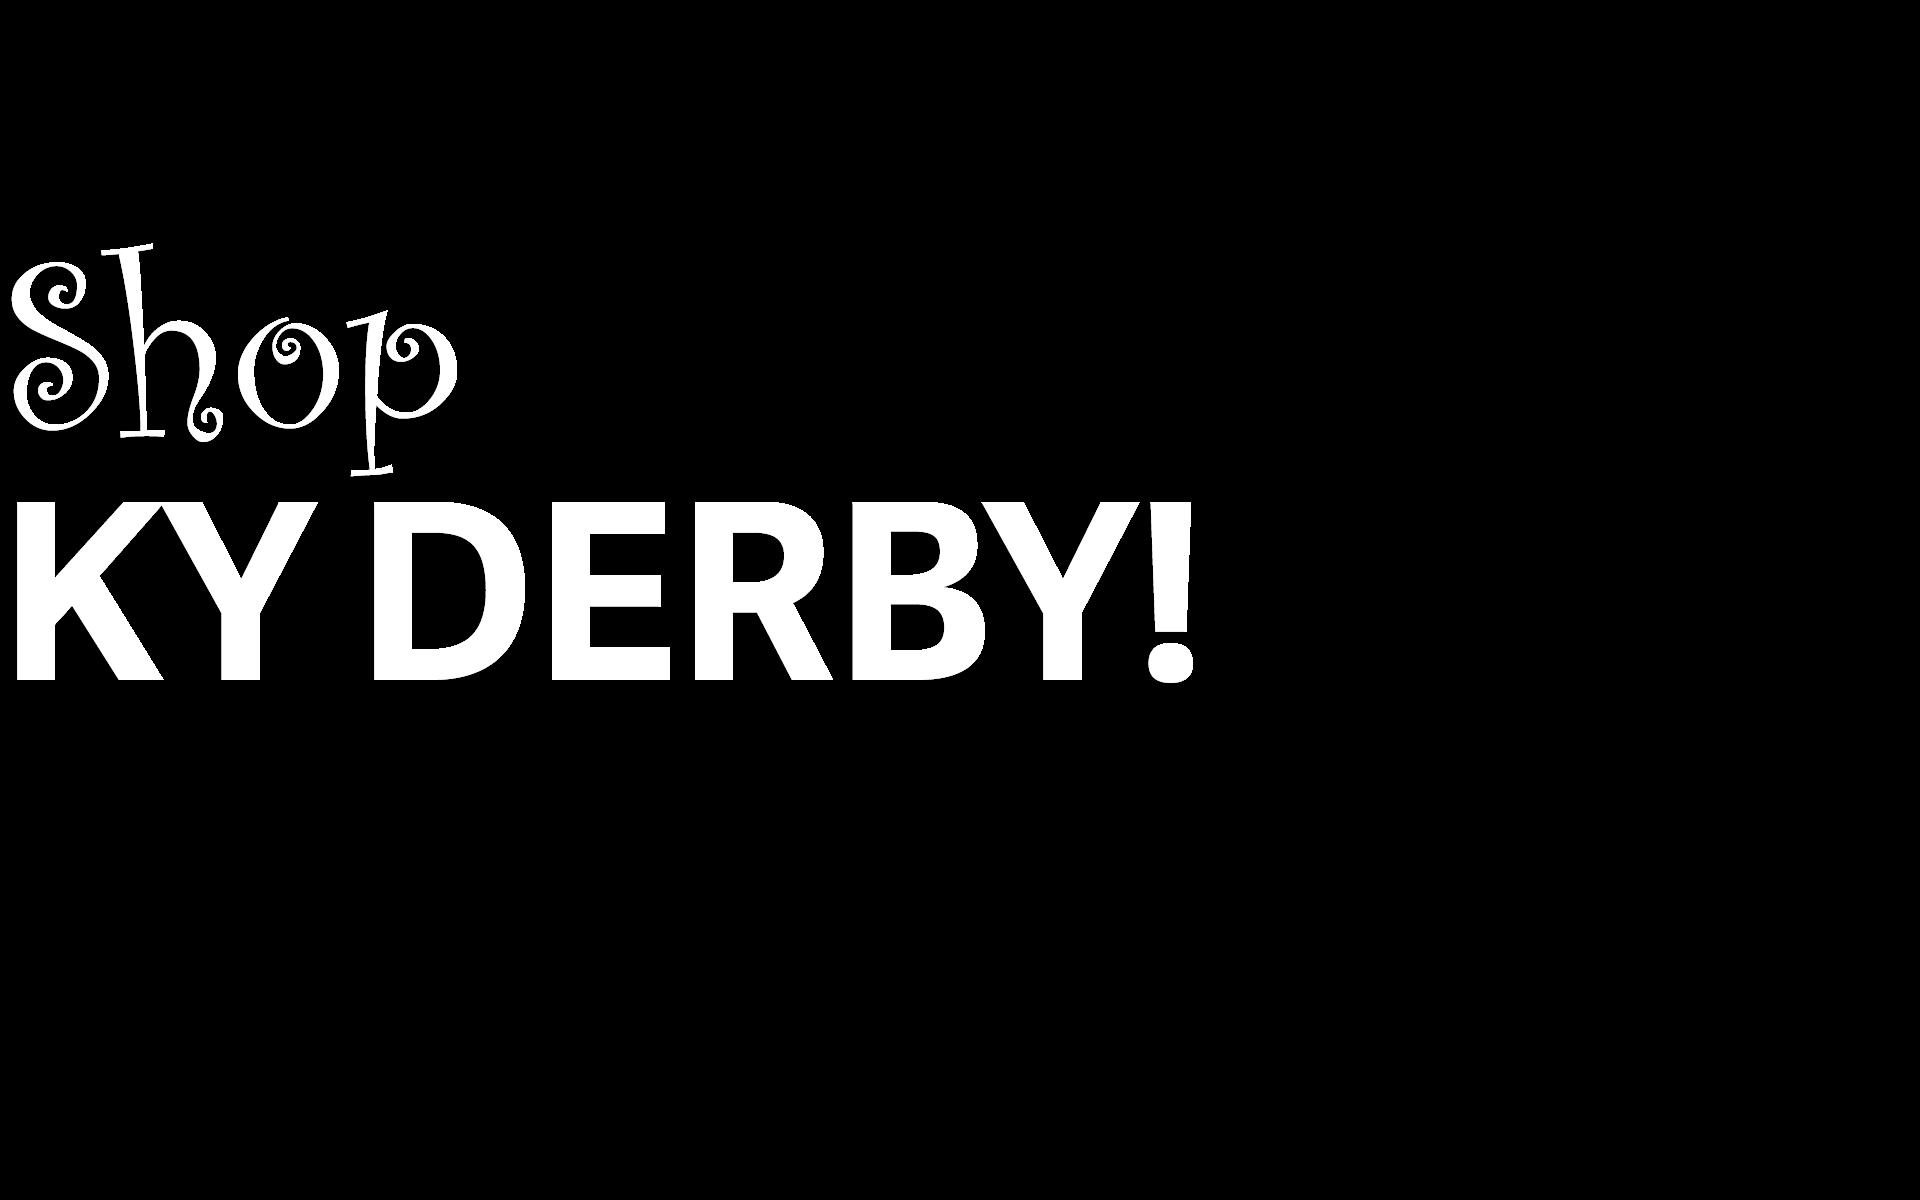 Shop Kentucky Derby!